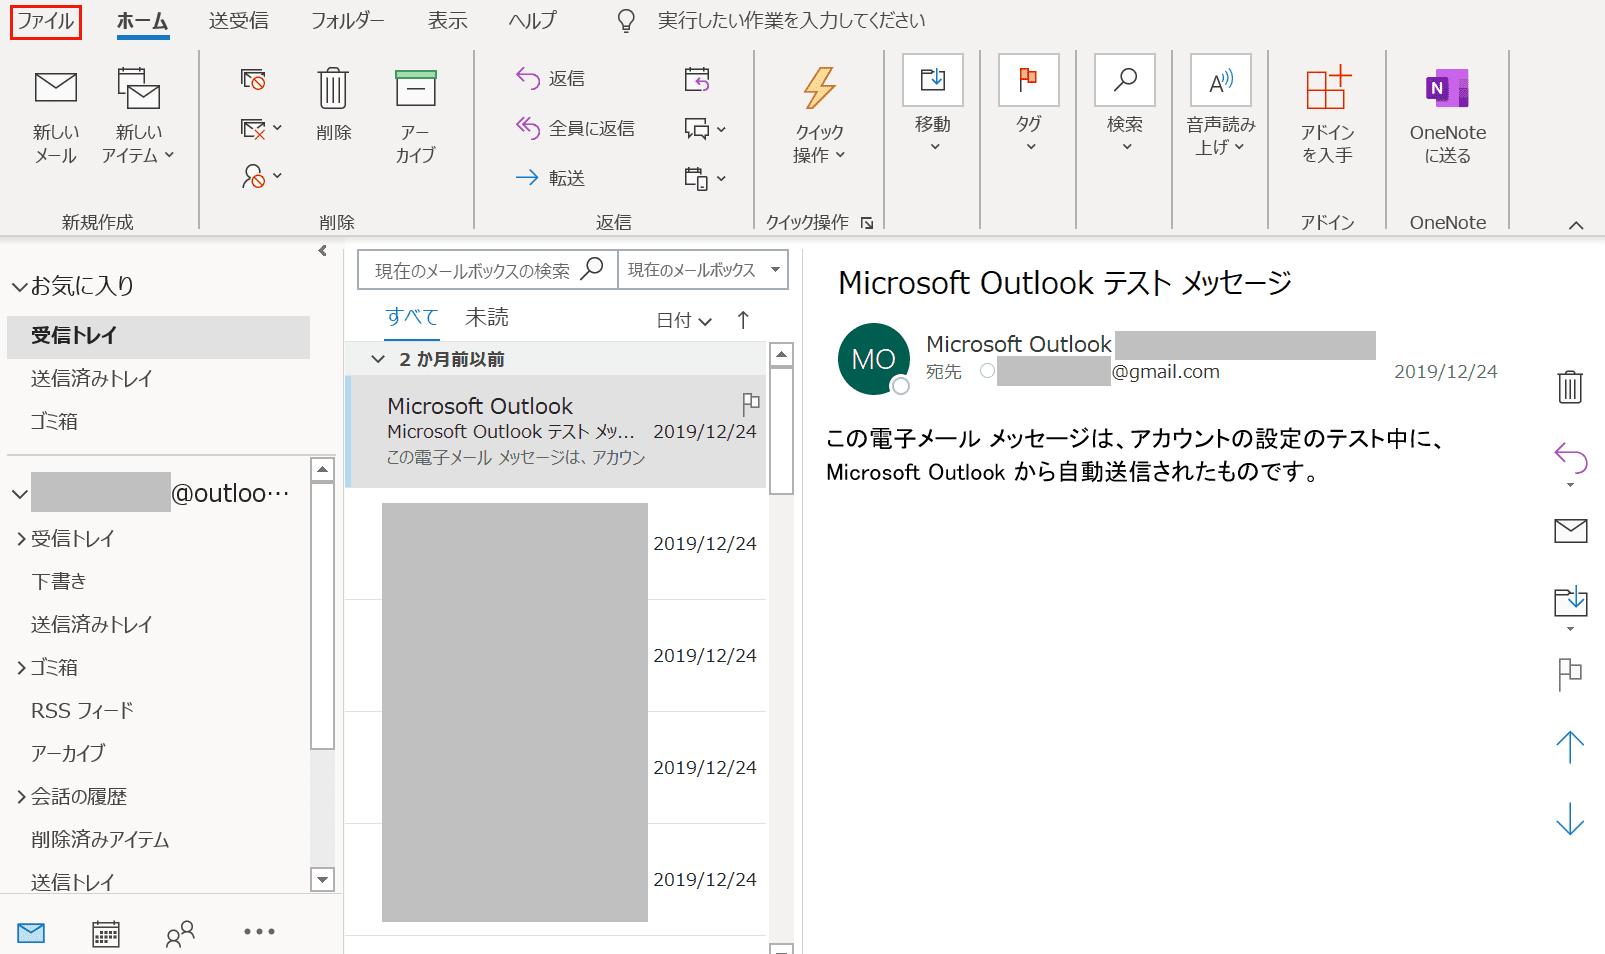 「ファイル」タブの選択